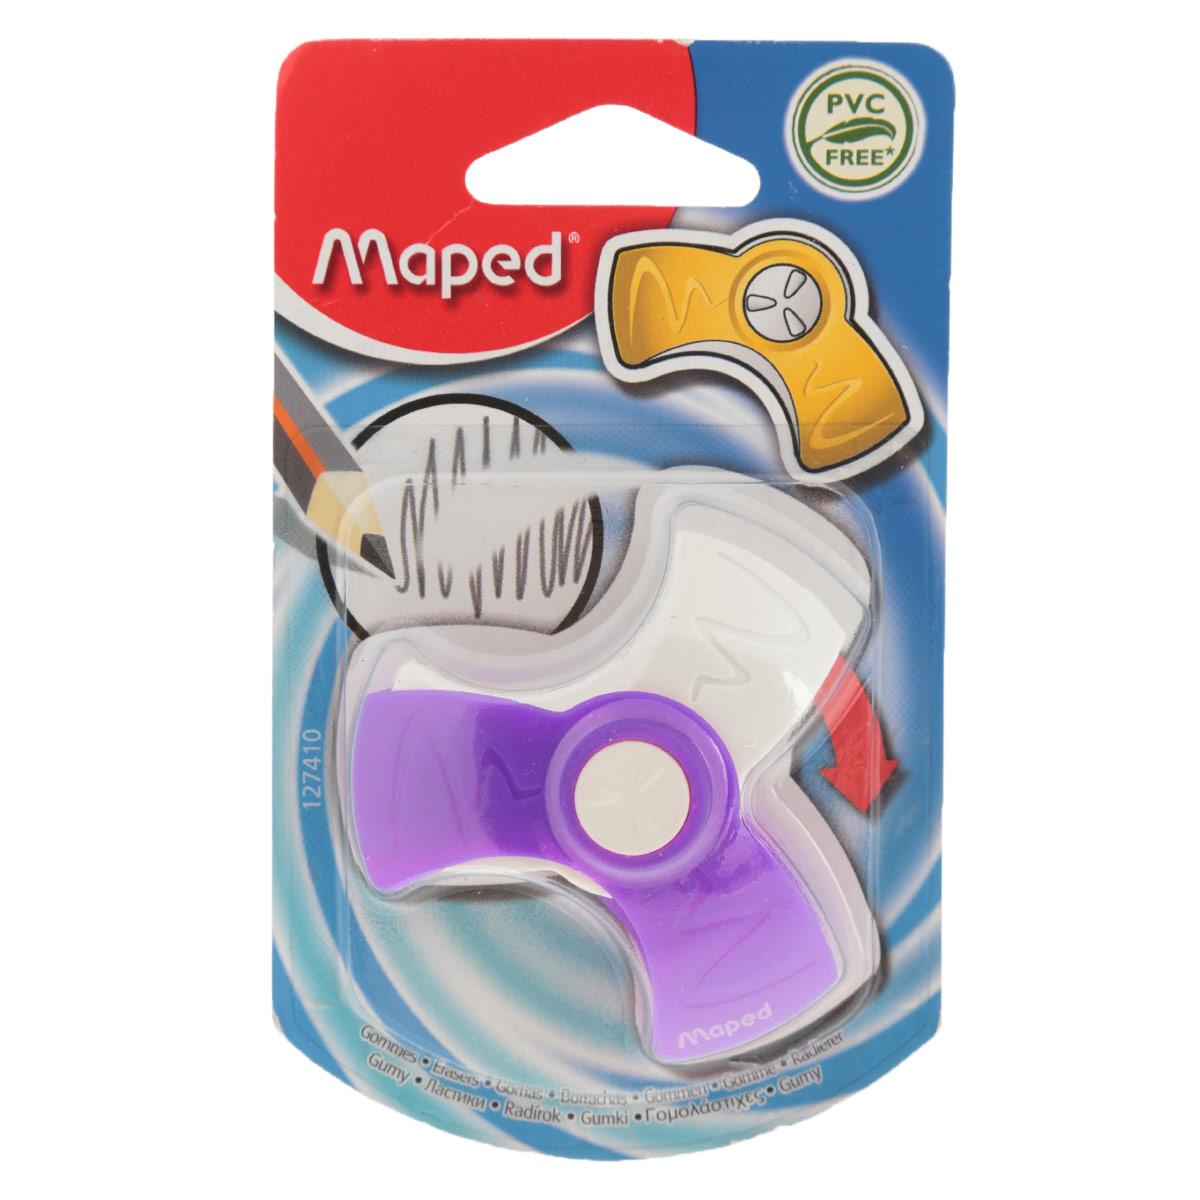 Ластик Maped Spin, цвет: сиреневый, белыйFS-36054Оригинальный ластик Spin в поворотном защитном футляре из пластика. Легко удаляет следы чернографитных карандашей, а футляр защищает ластик от загрязнений и увеличивает его срок службы. Обеспечивает высокое качество коррекции, не повреждая поверхность бумаги, не оставляя следов. Не содержит ПВХ.